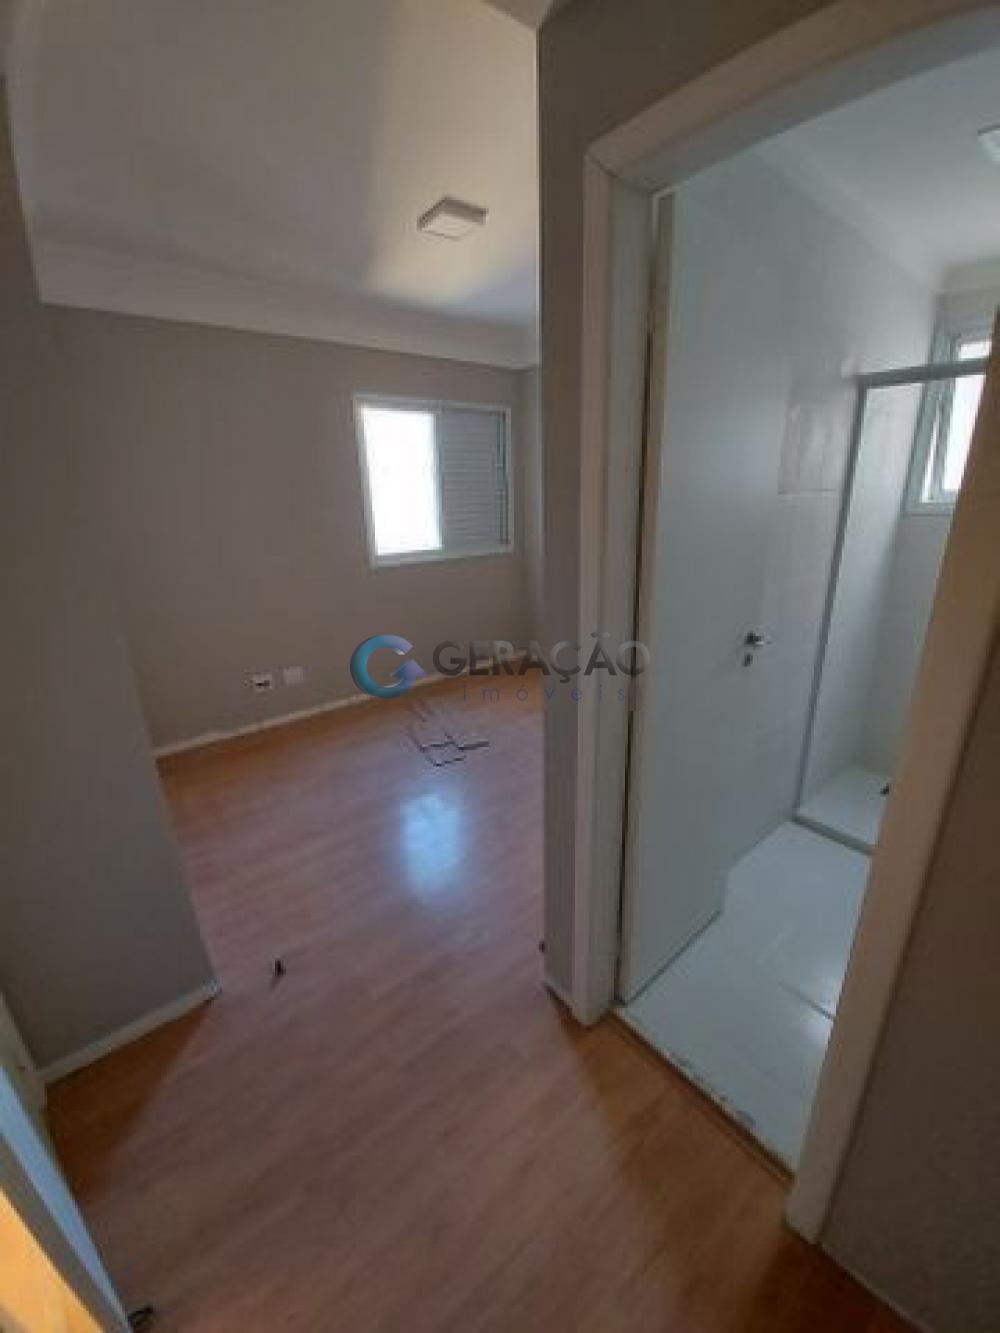 Comprar Apartamento / Padrão em São José dos Campos apenas R$ 850.000,00 - Foto 6